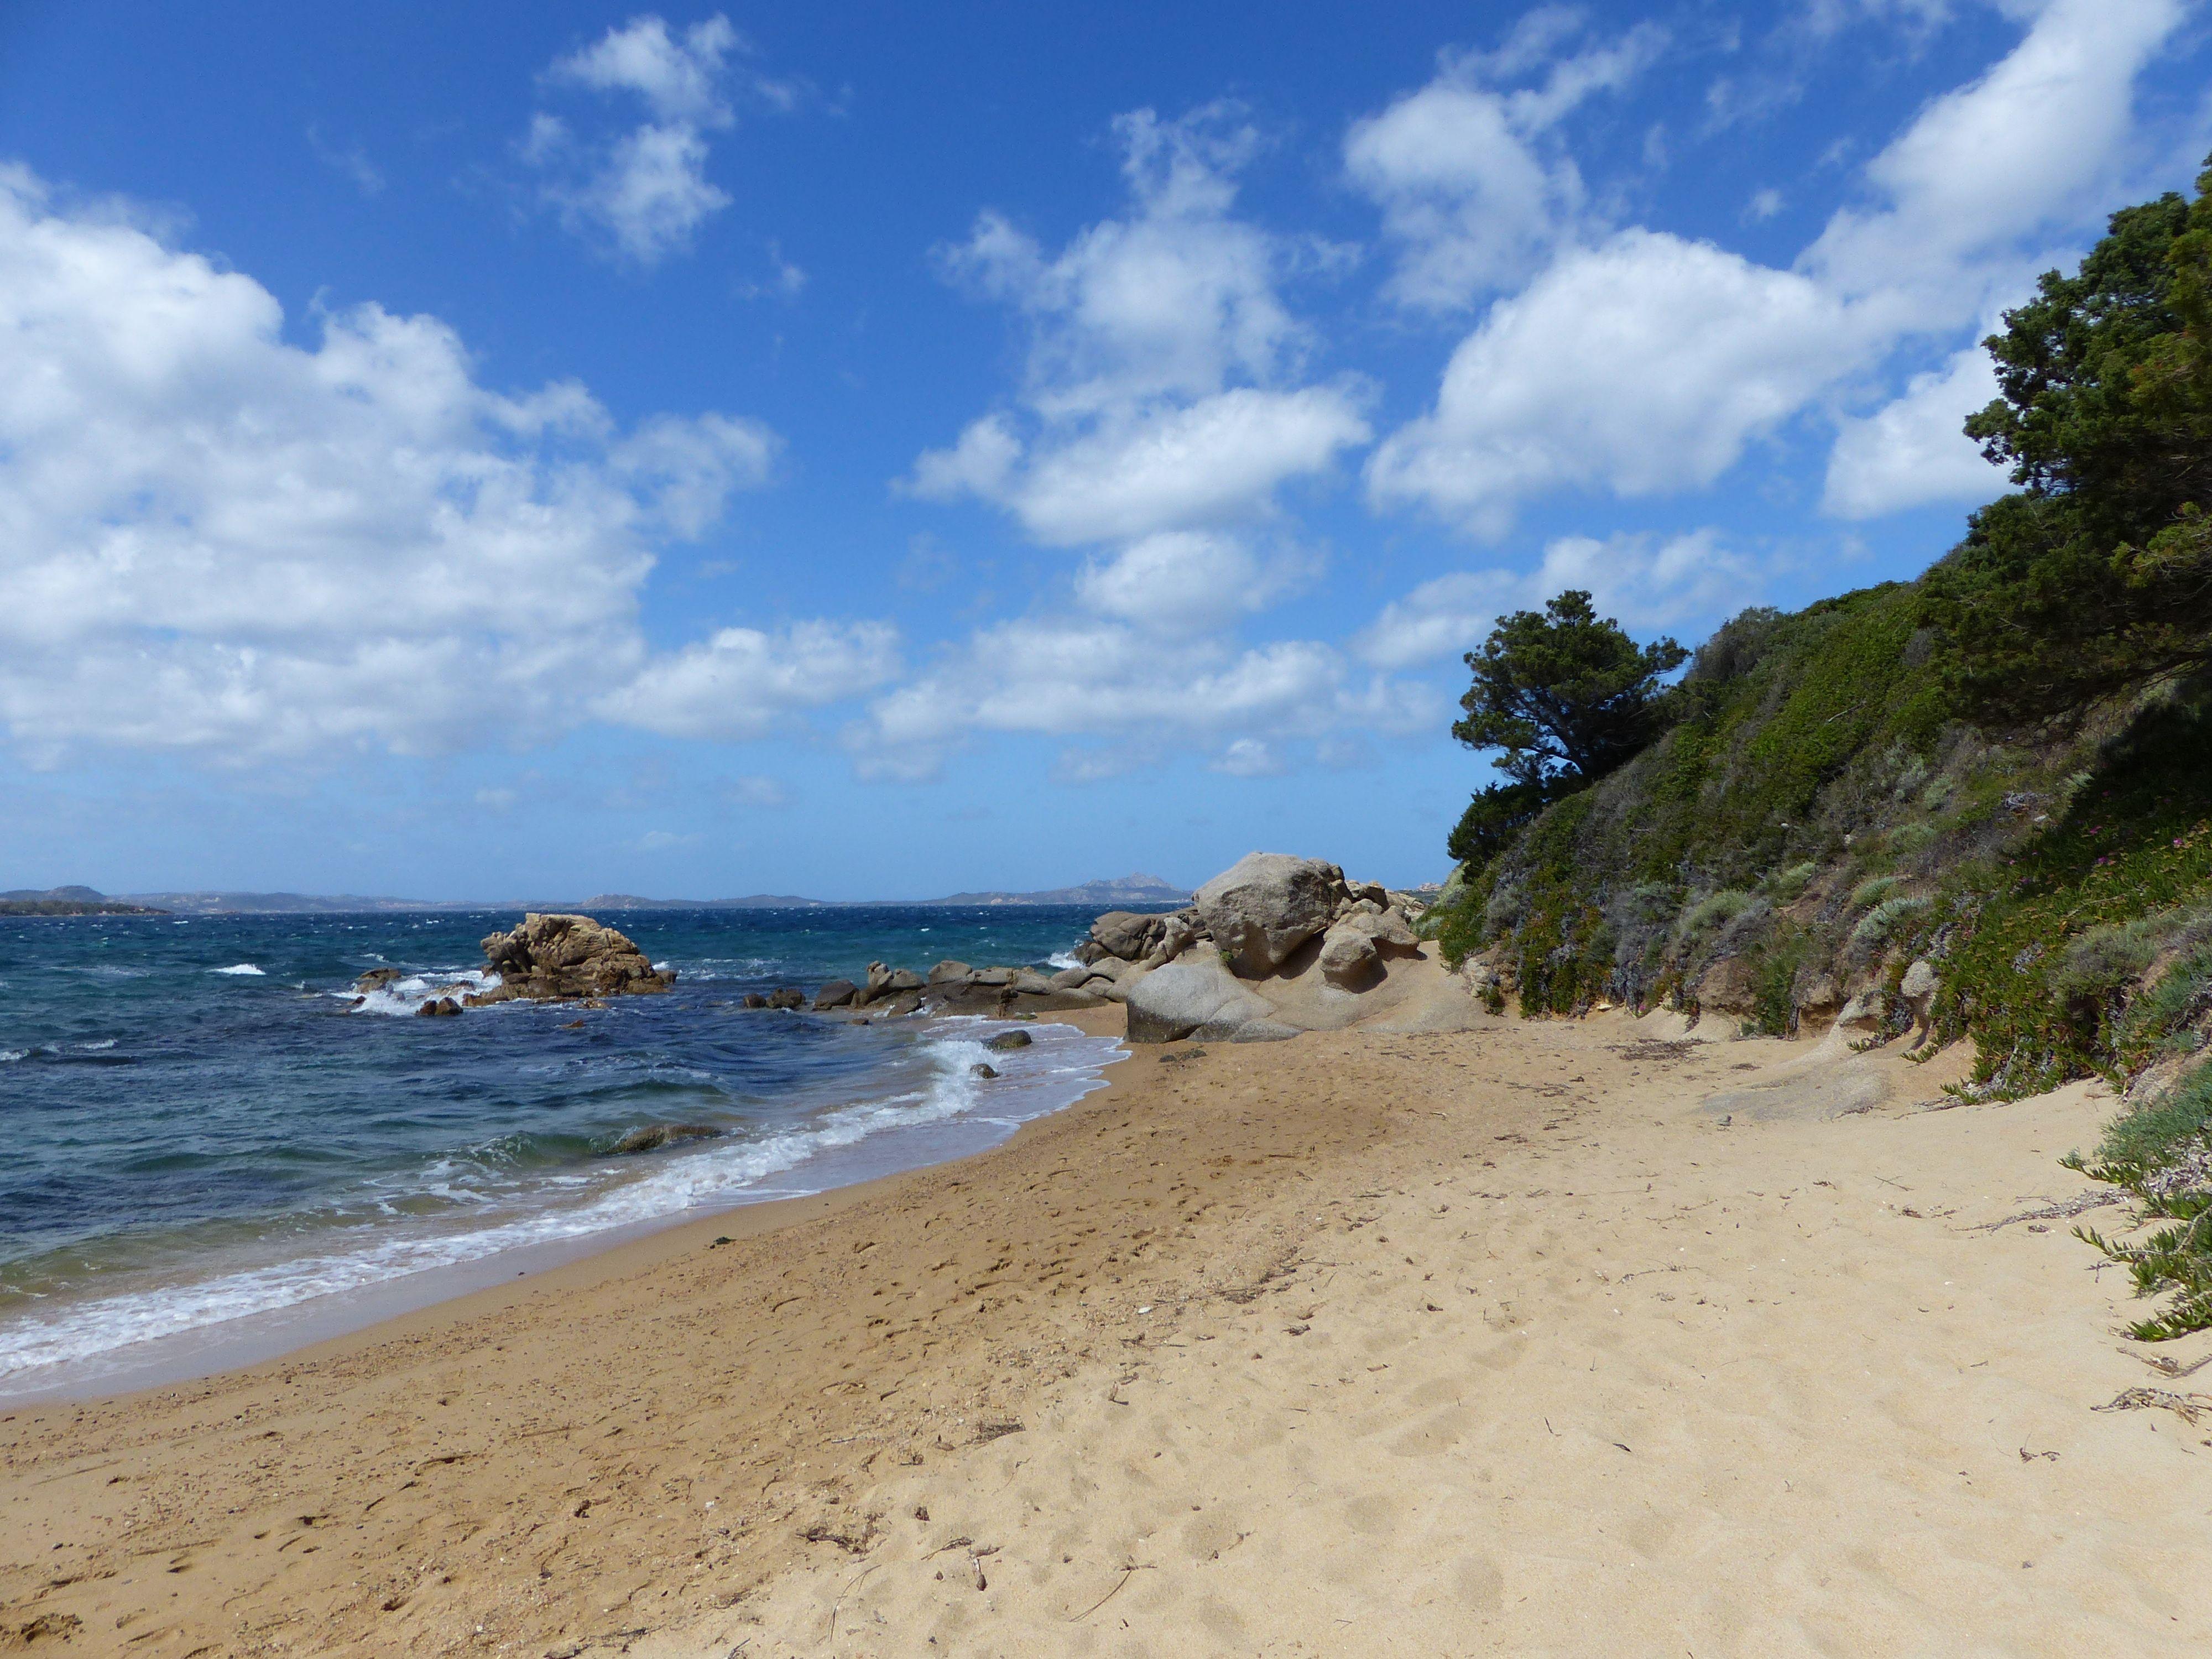 Cala Ginepri Beach Baia Sardinia Sardegna Sardinien Sardinia